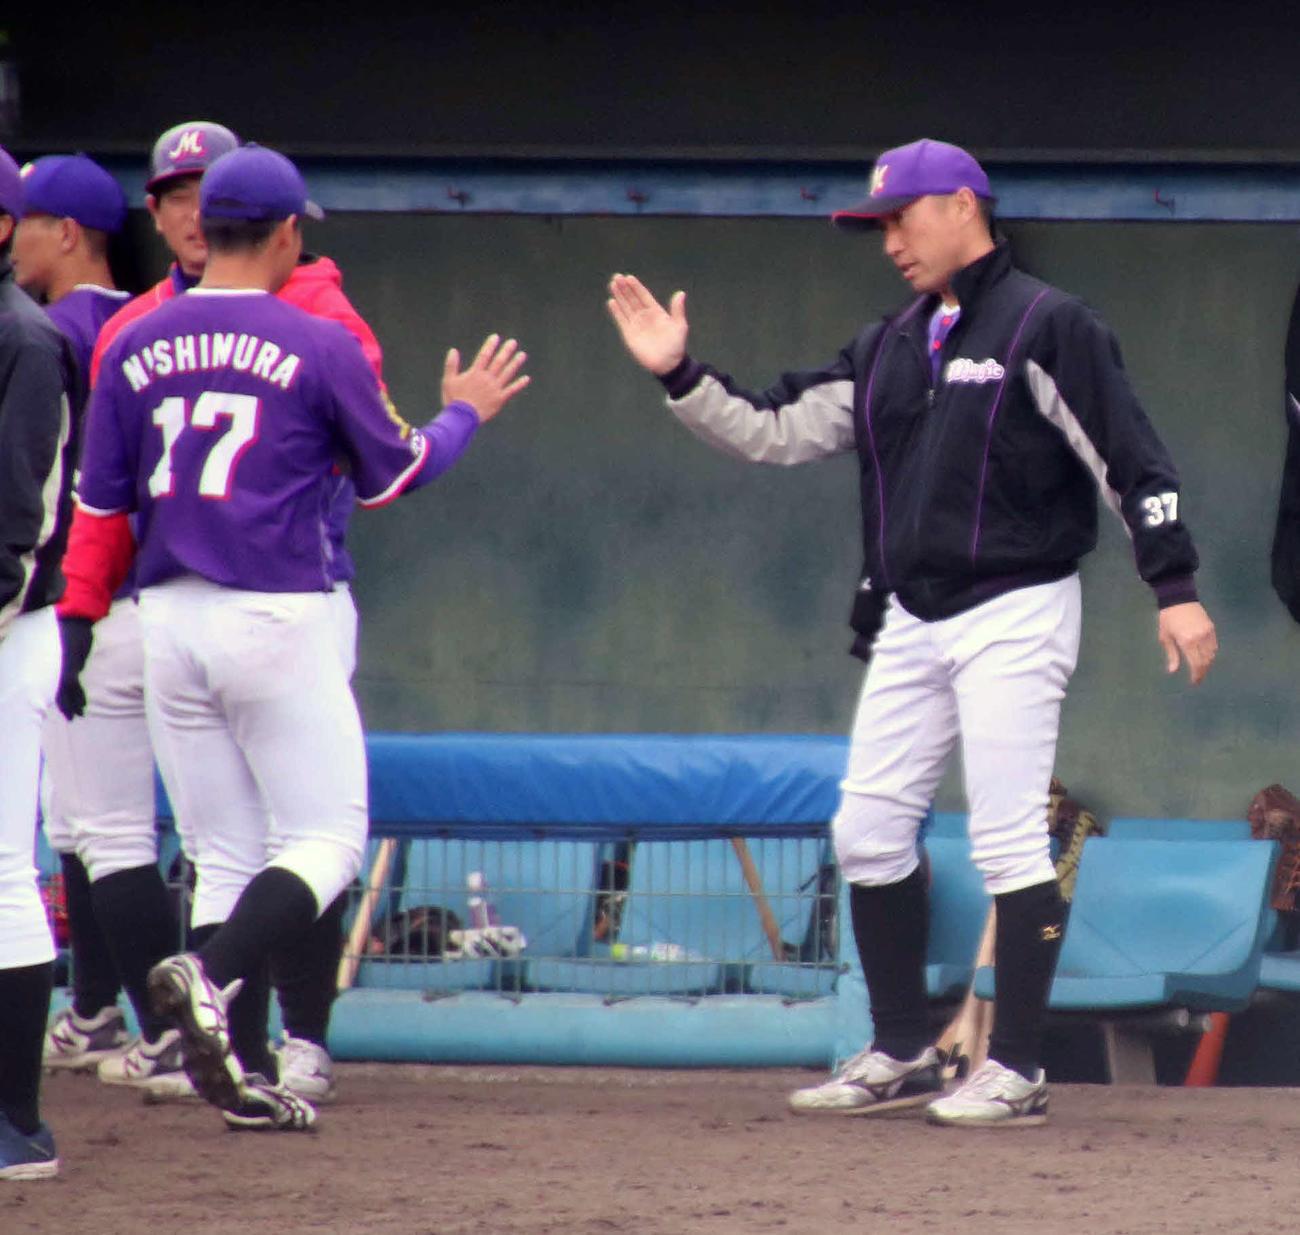 亜大戦で好投と続ける西村(左)をタッチで出迎えるかずさマジック渡辺監督